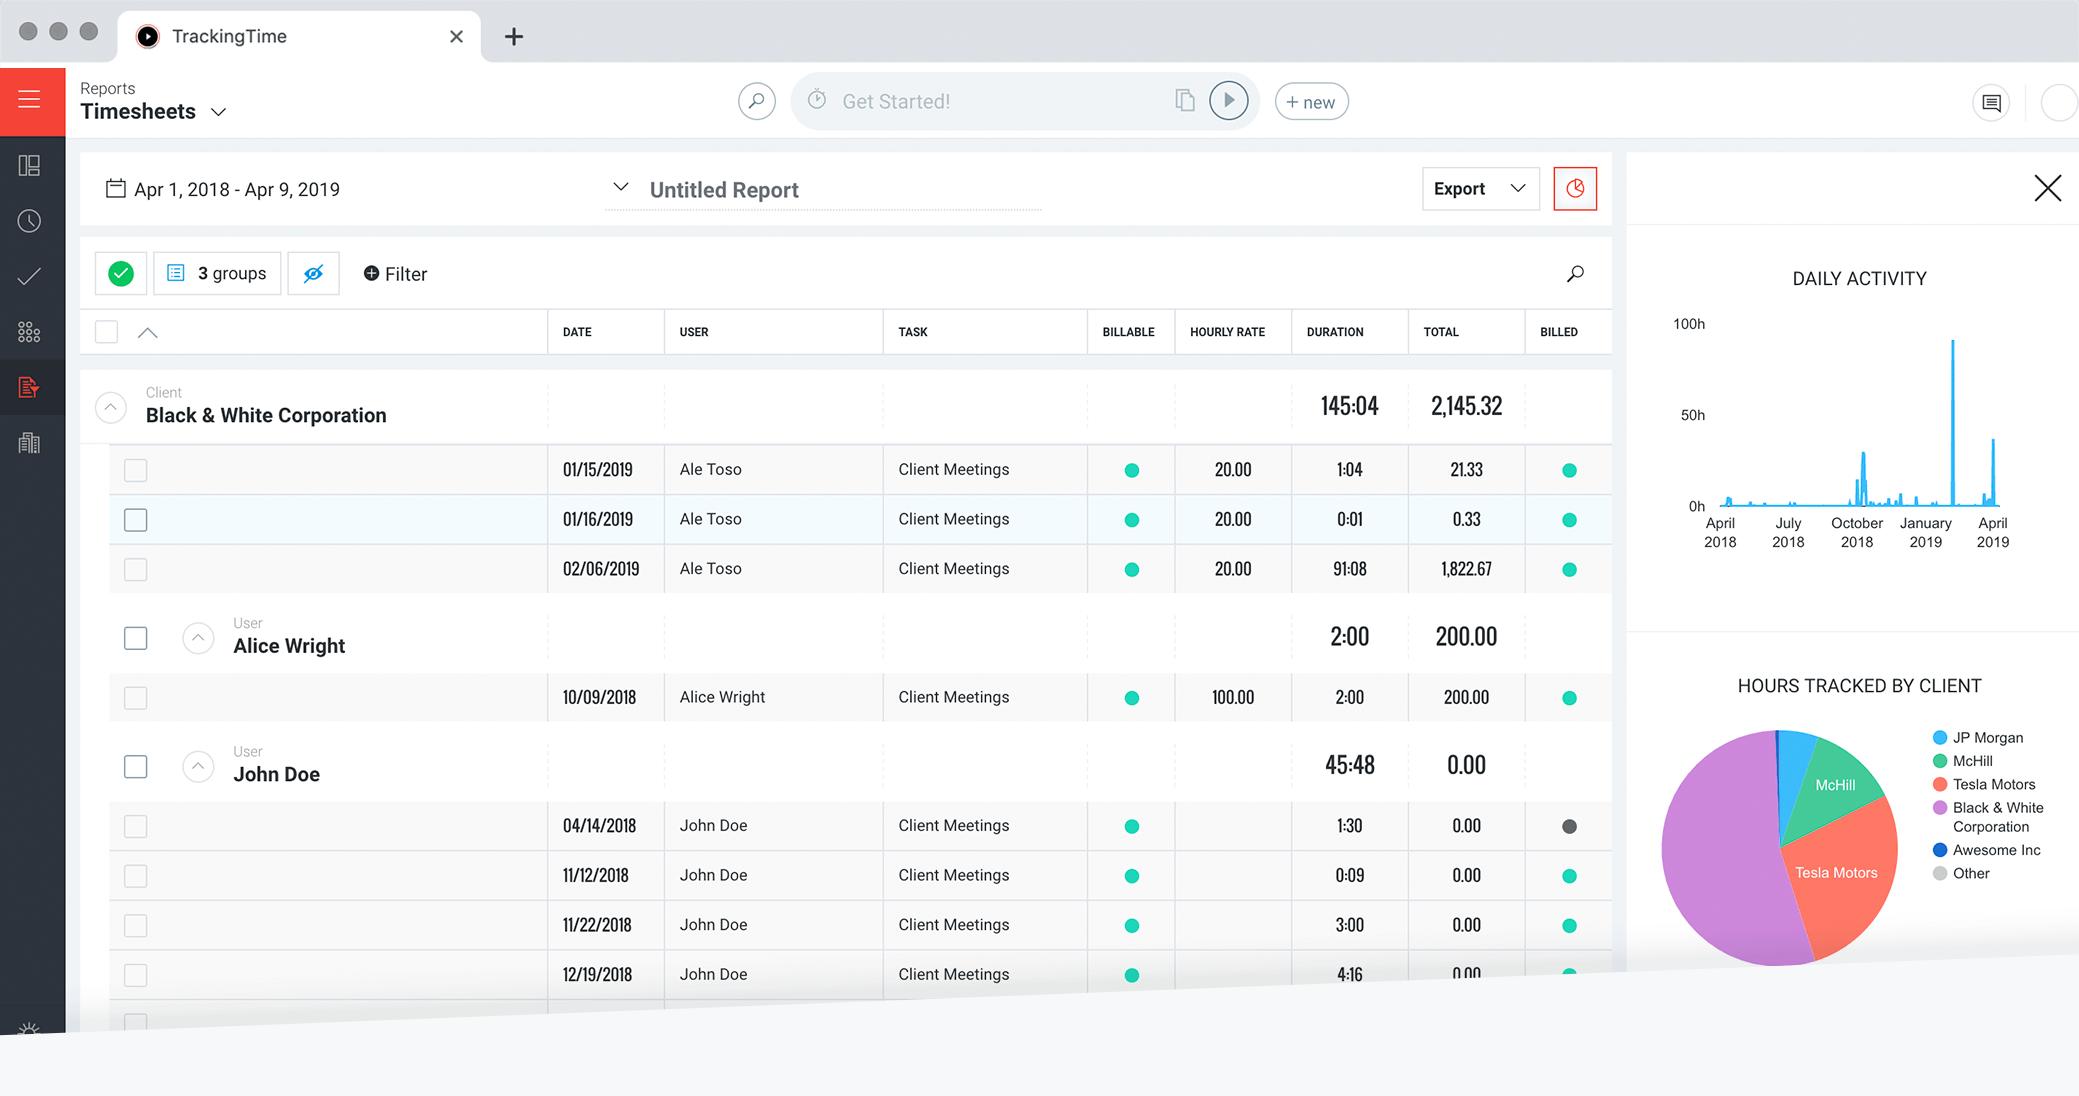 Agrupe, filtre, classifique e muito mais